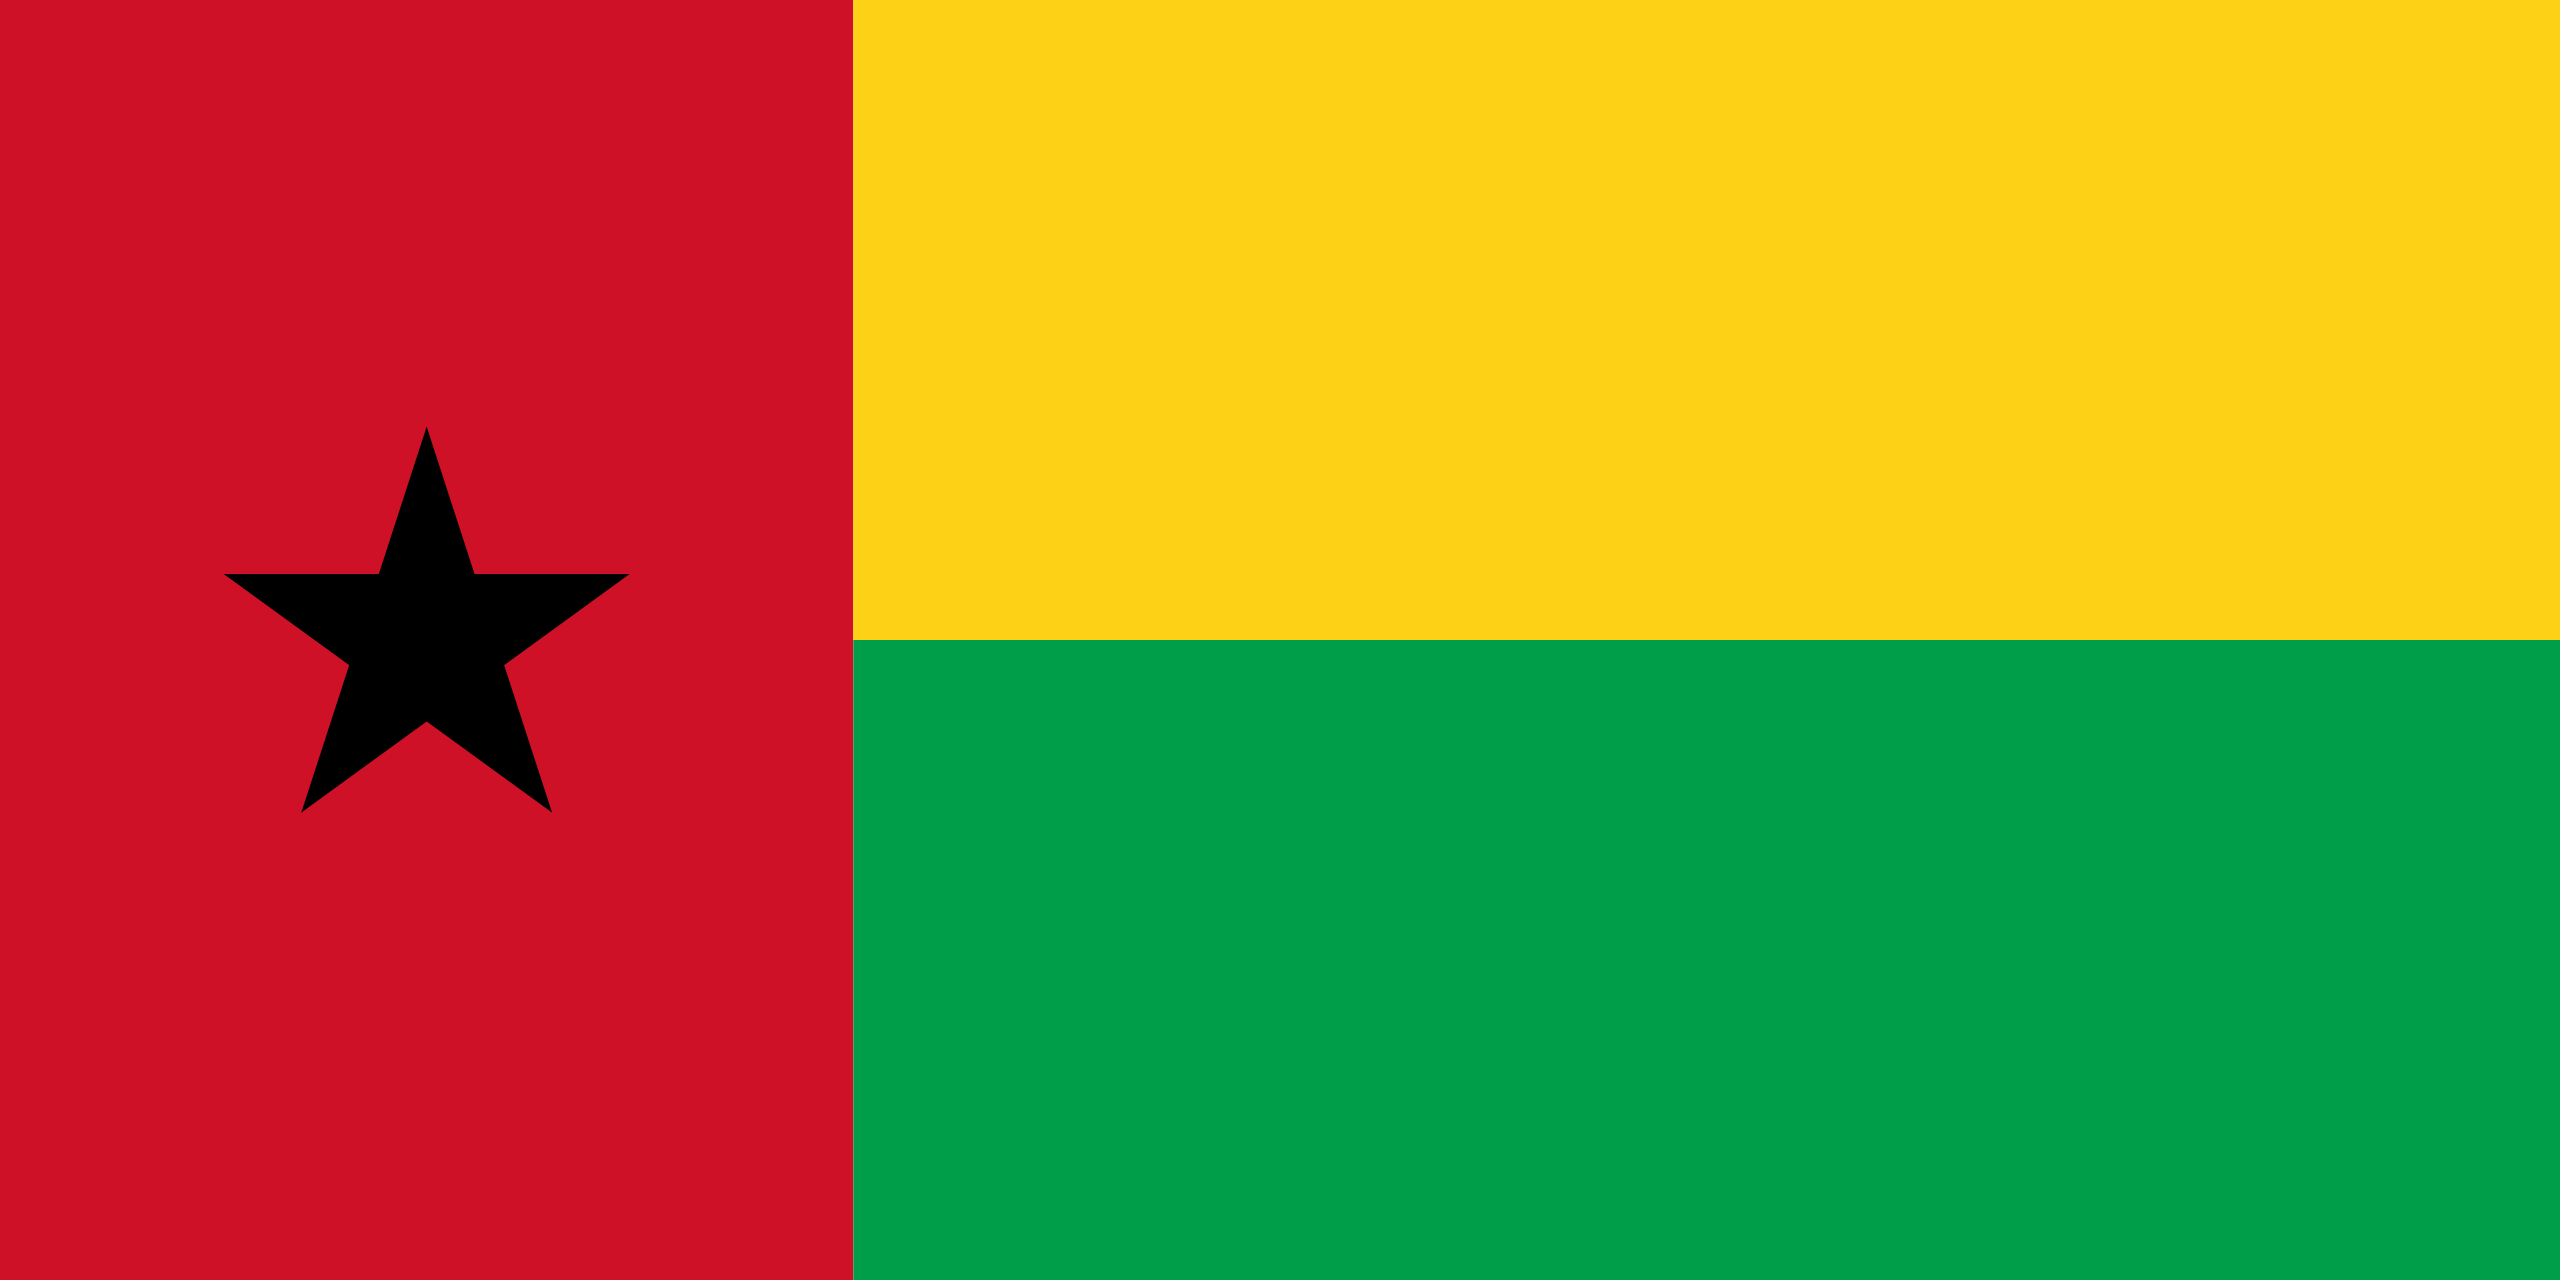 guinea-bissau, país, emblema, insignia, símbolo - Fondos de Pantalla HD - professor-falken.com